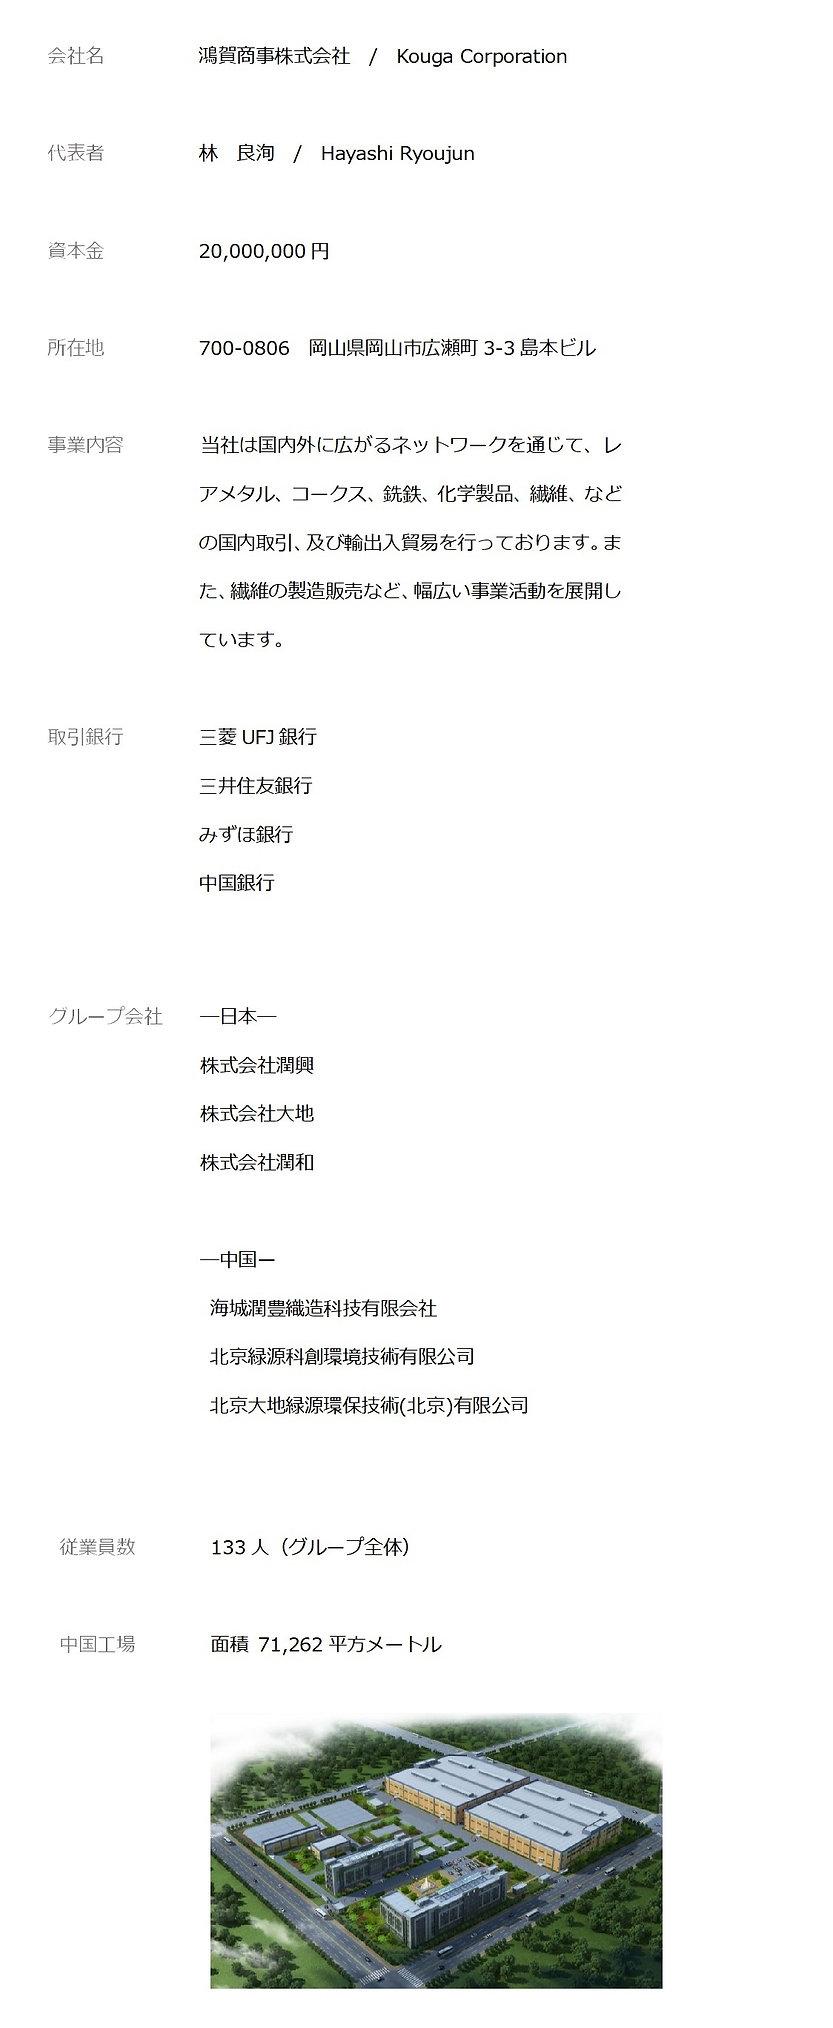 会社詳細.jpg